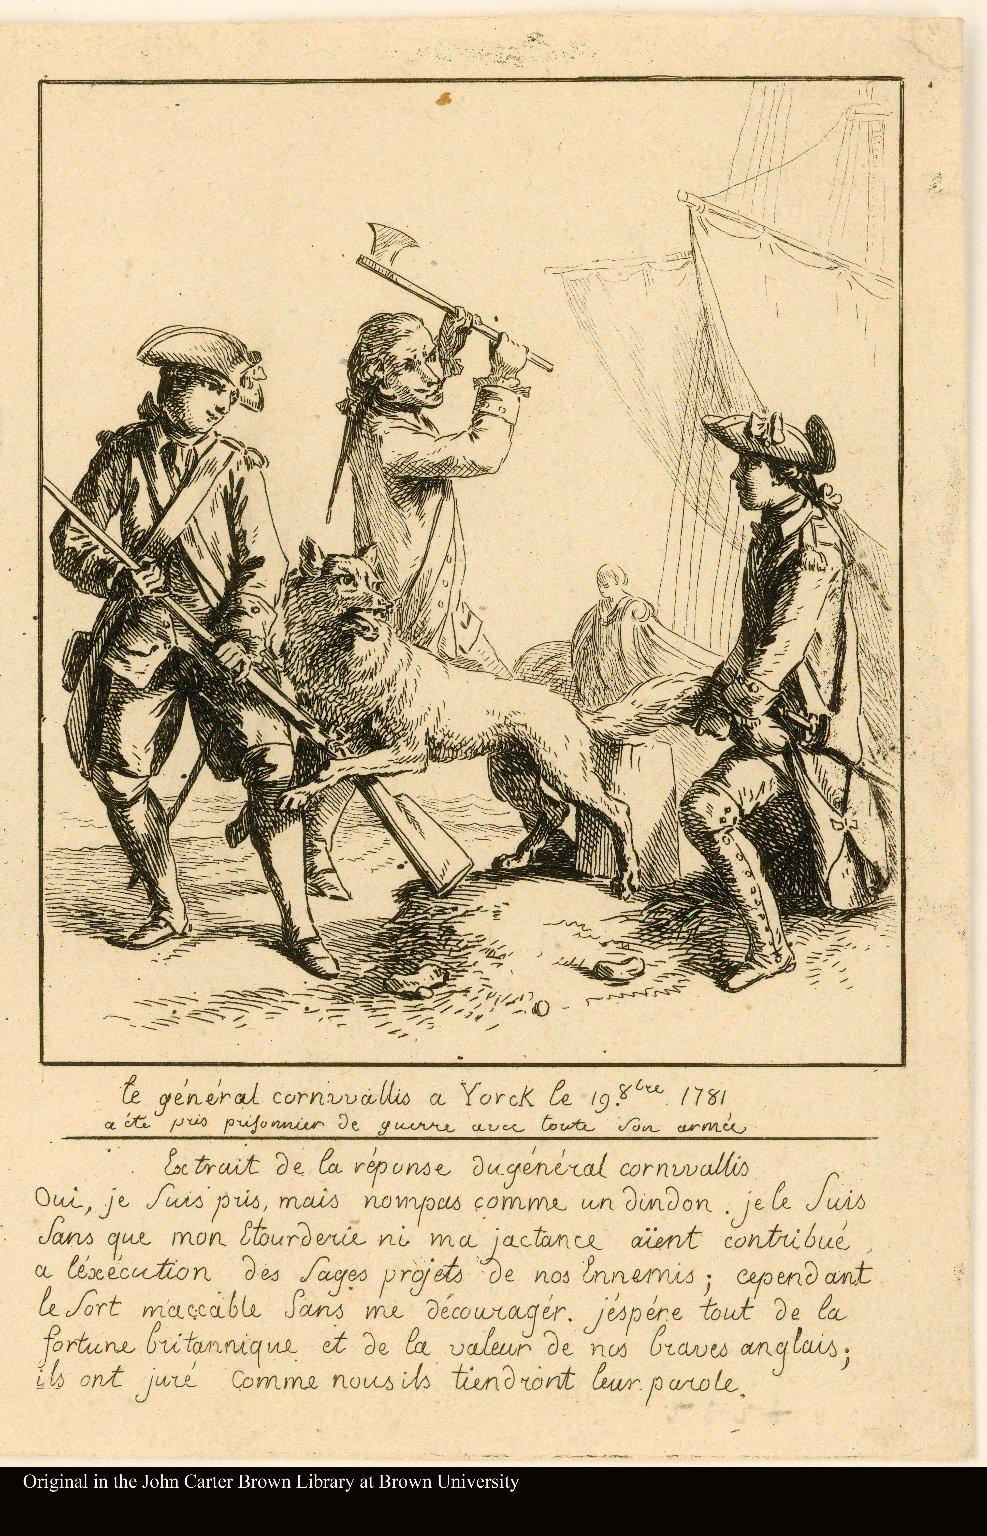 le général cornwallis a Yorck le 19. 8bre 1781 a été pris prisonnier de guerre avec toute son armée.